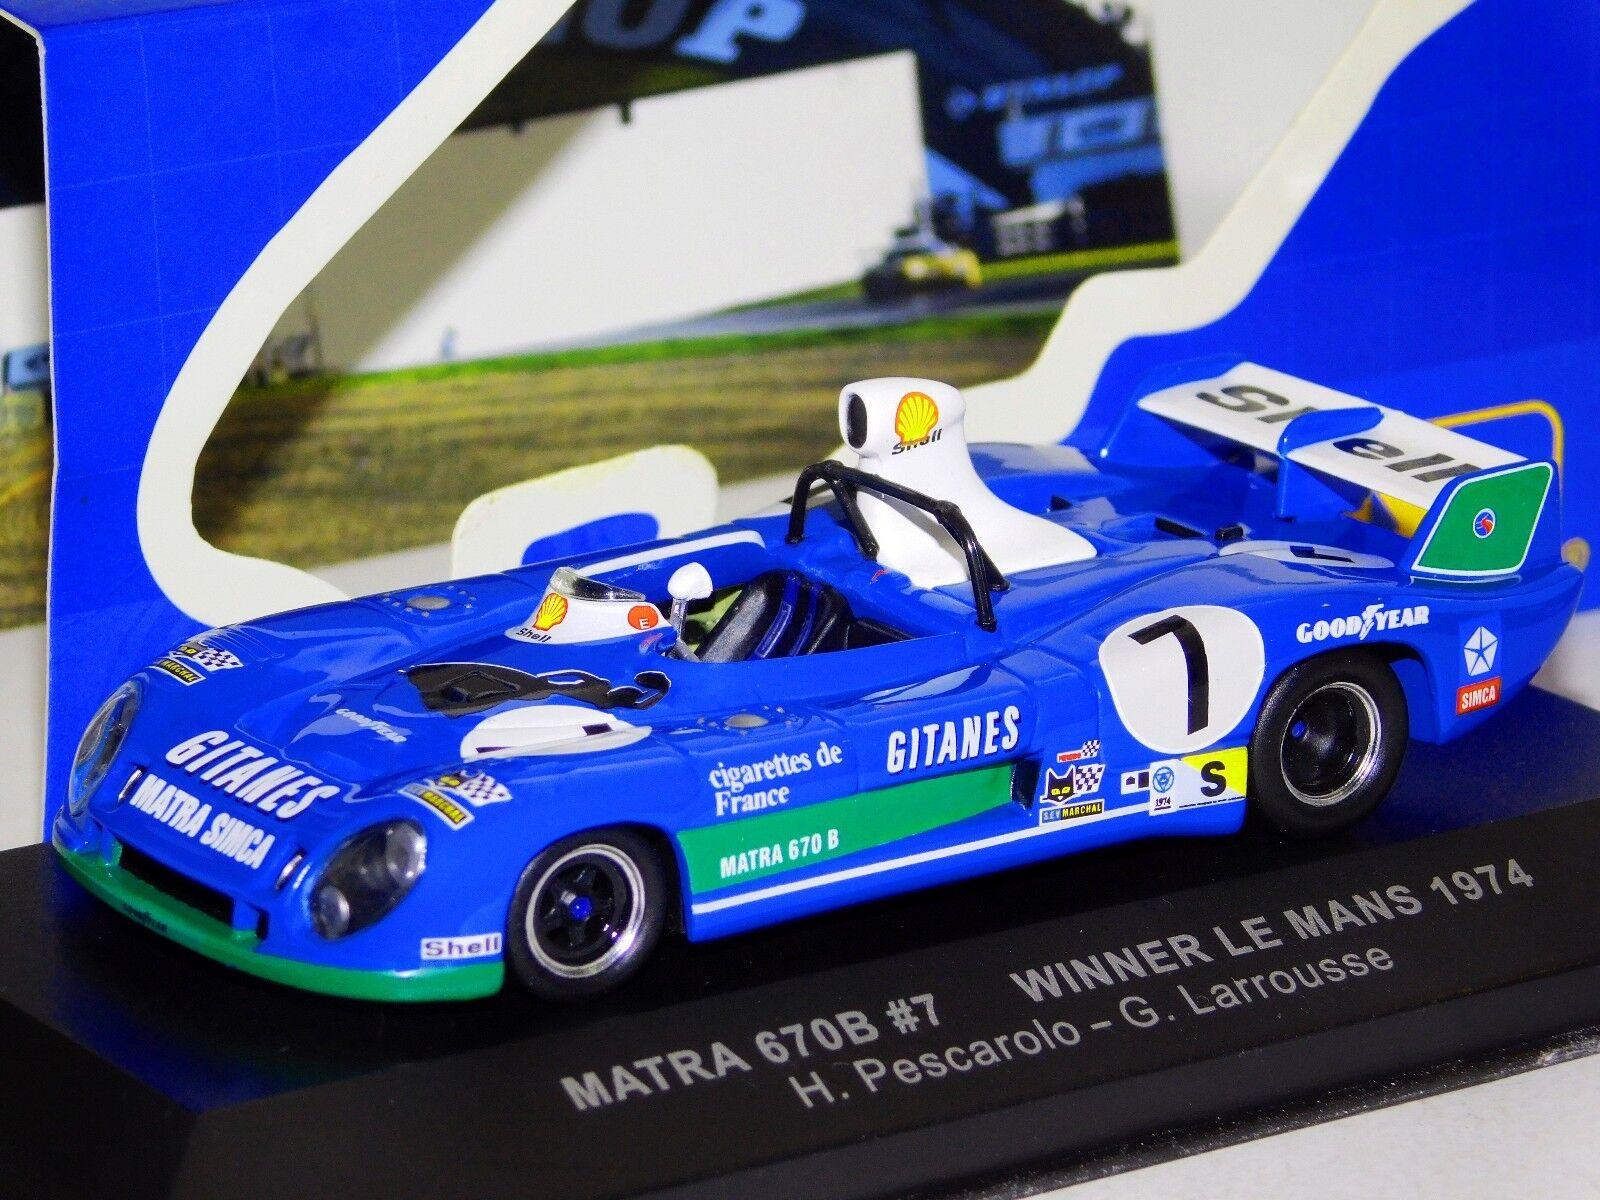 Matra MS670B  7 ganador Edición Limitada Mans 1974 PesCocheolo Larrousse IXO LM1974 1 43